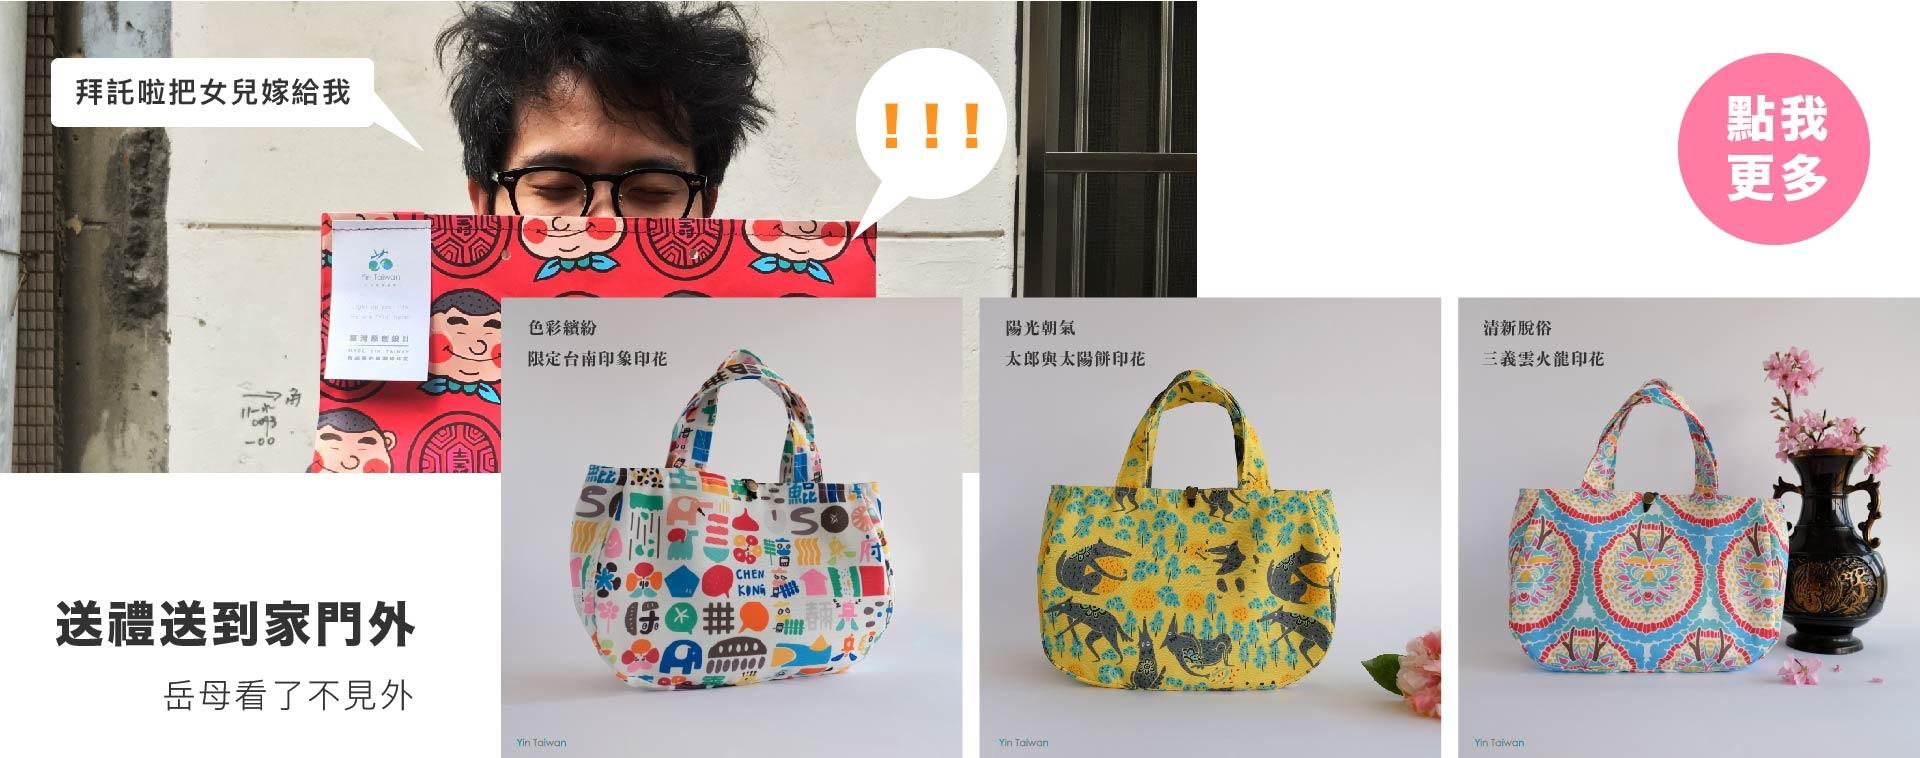 微笑提袋與台灣傳統新文化印花設計